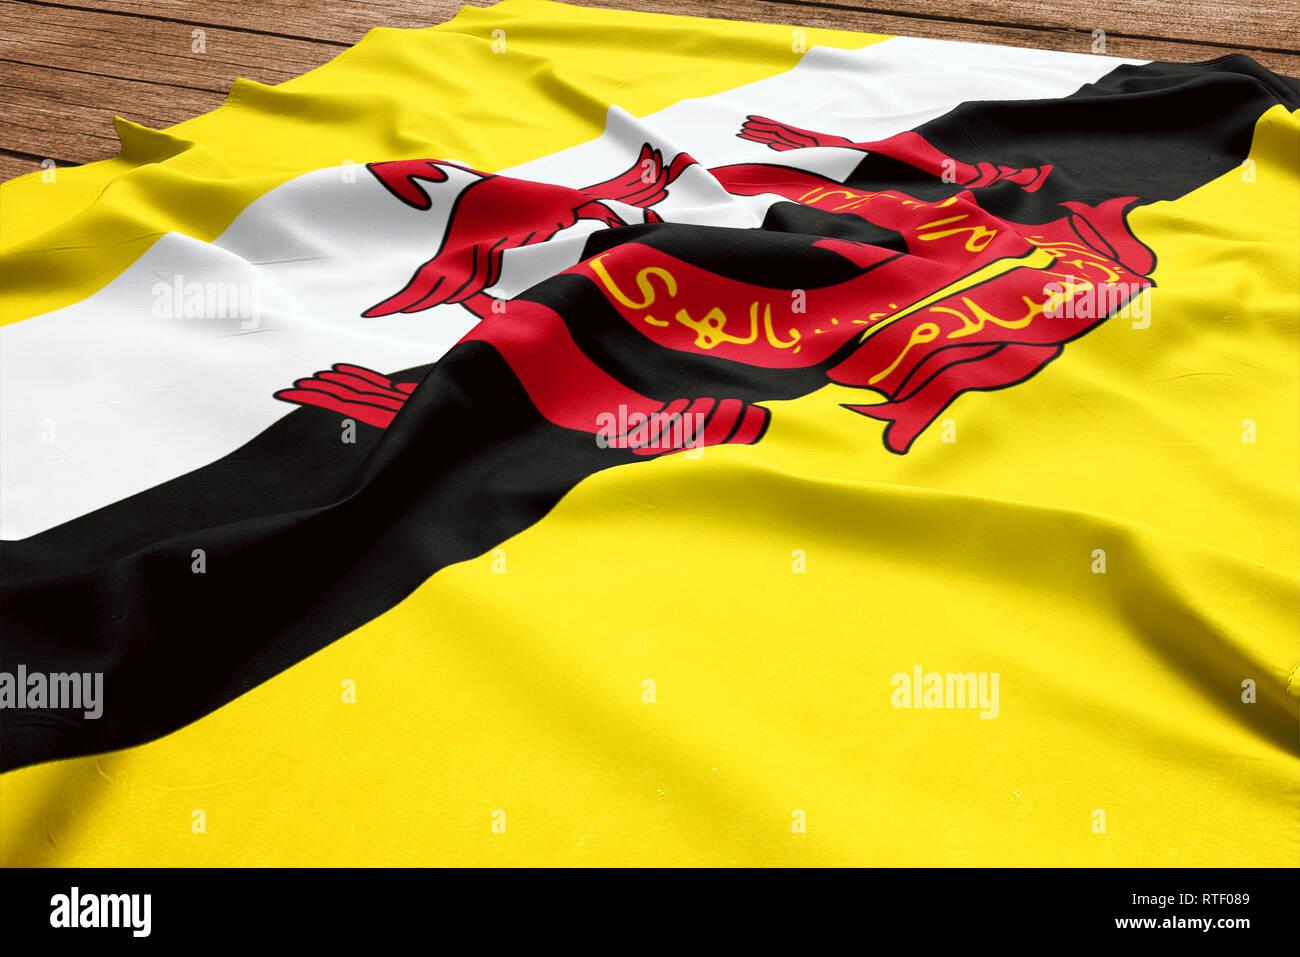 Bandiera del Brunei su una scrivania in legno sfondo. Seta flag Bruneian vista dall'alto. Immagini Stock